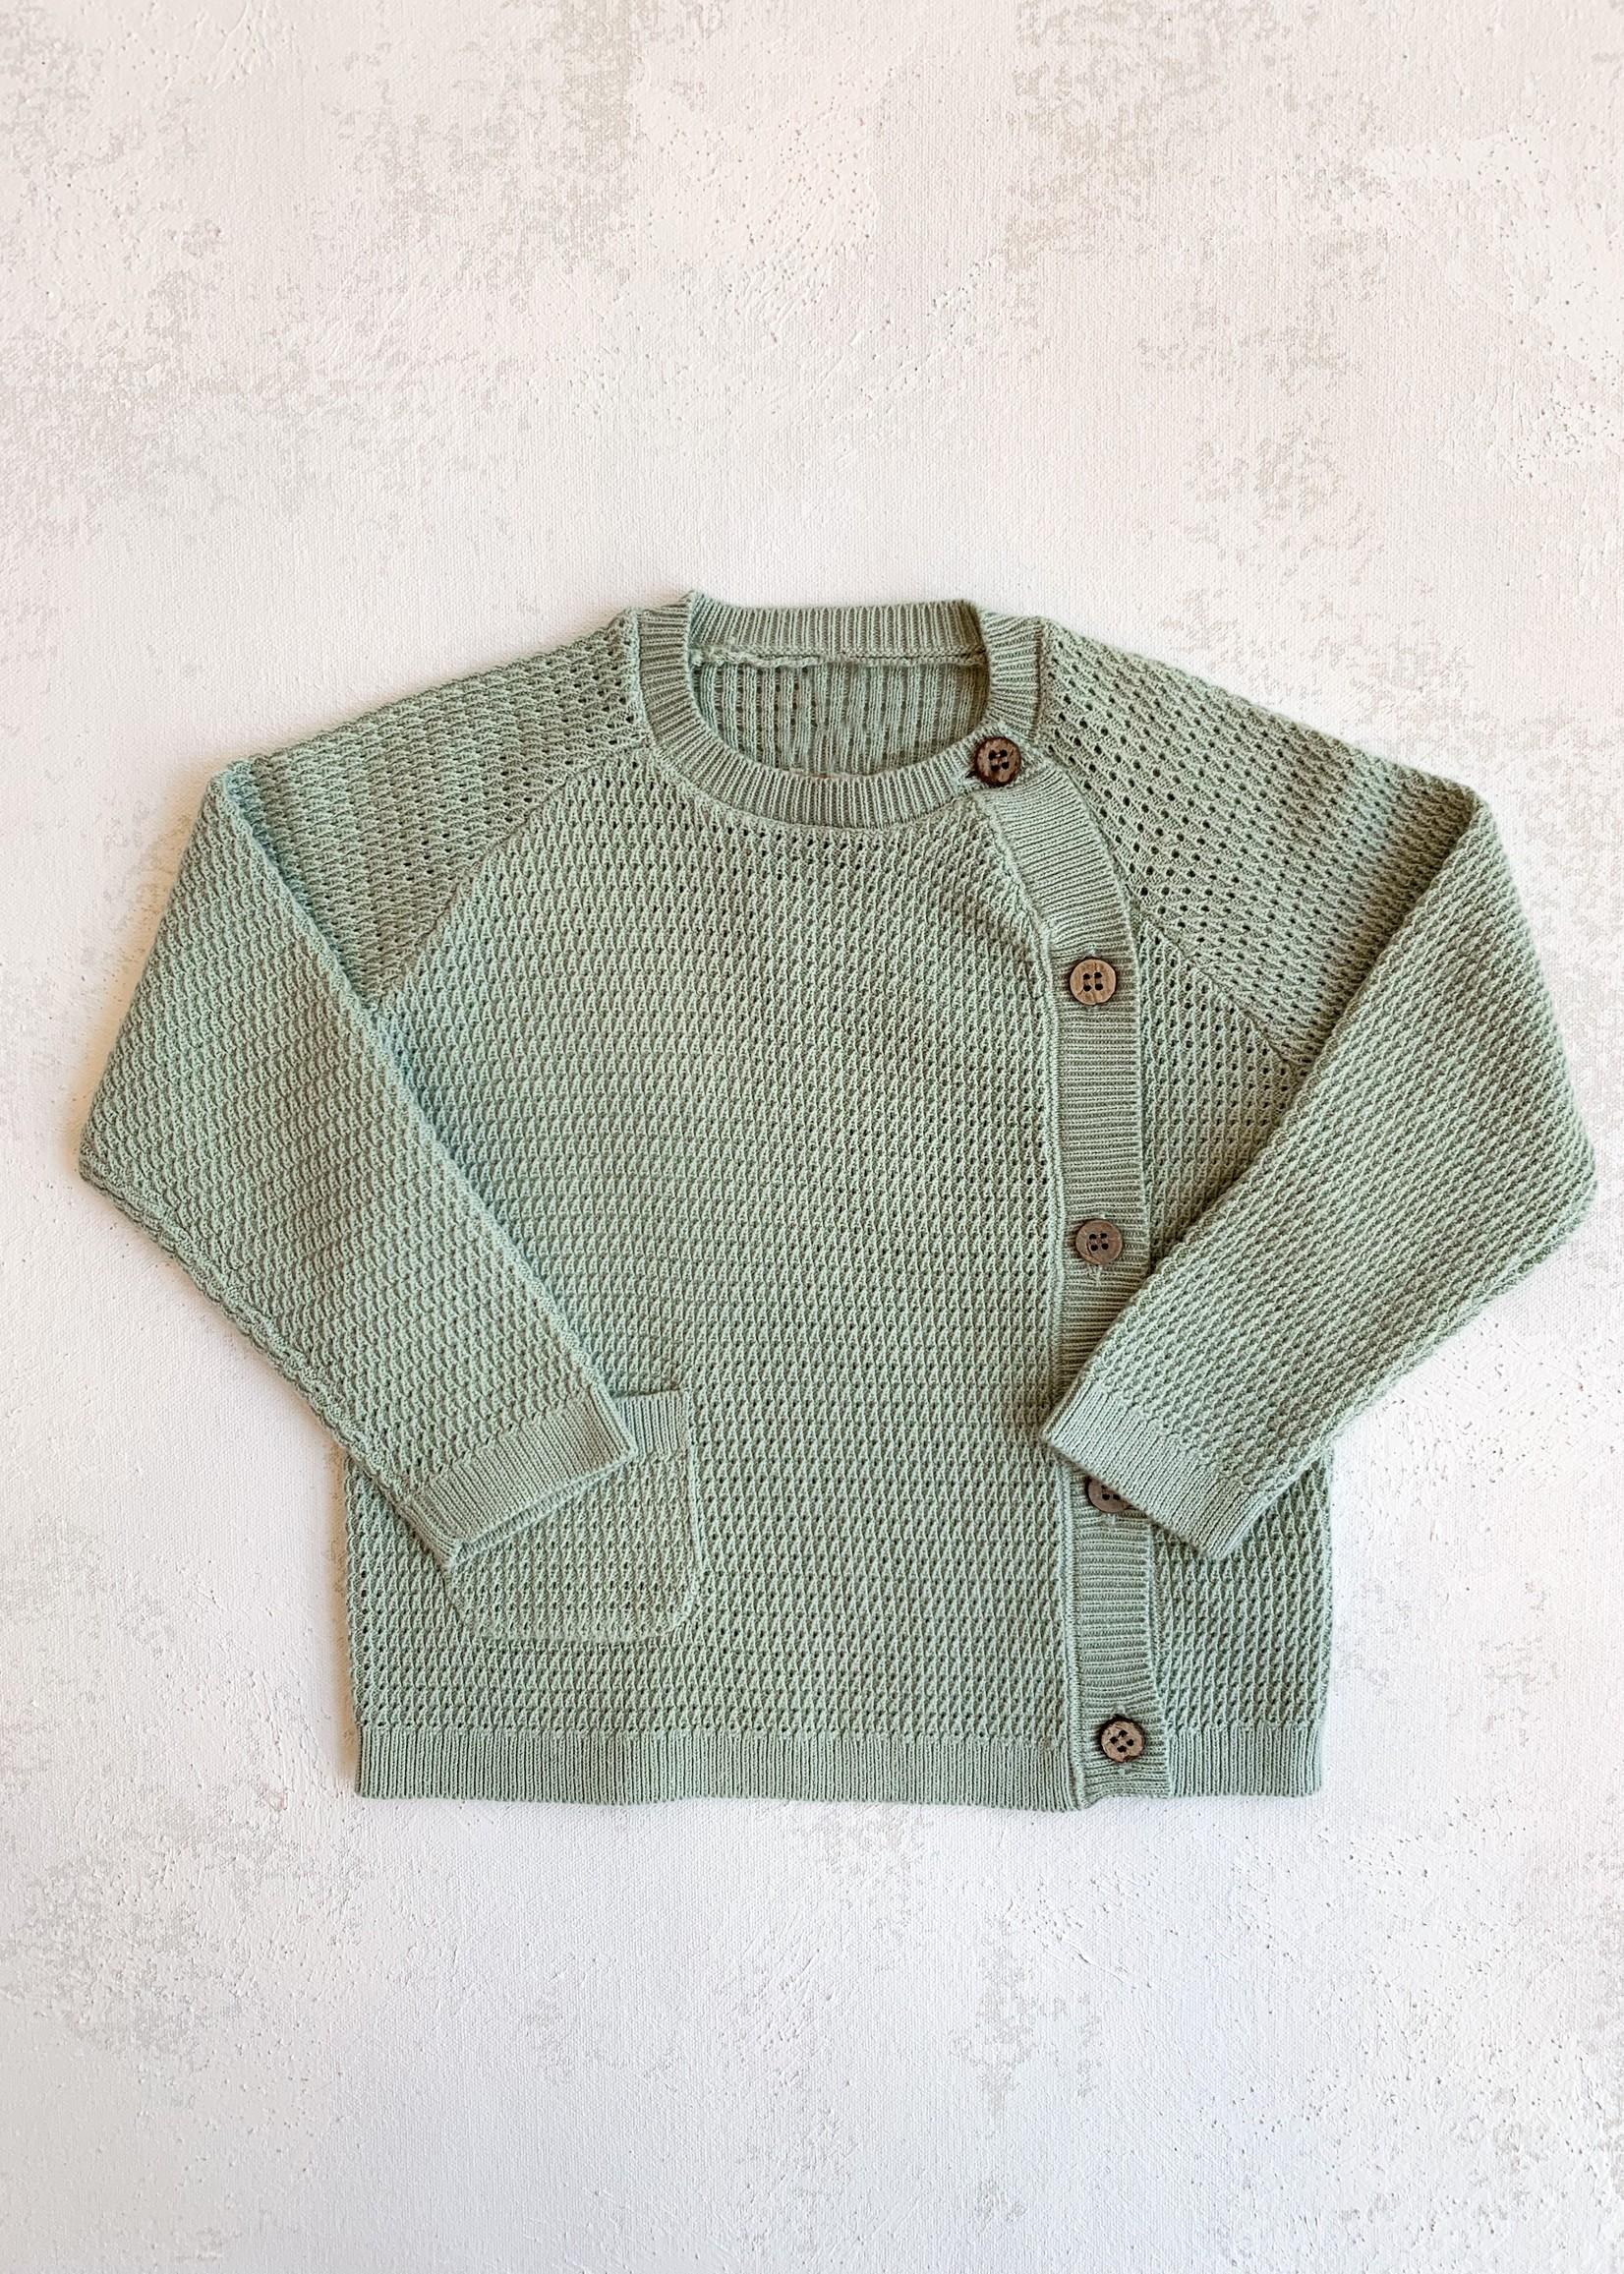 Elitaire Petite Kris Sweater in Sage